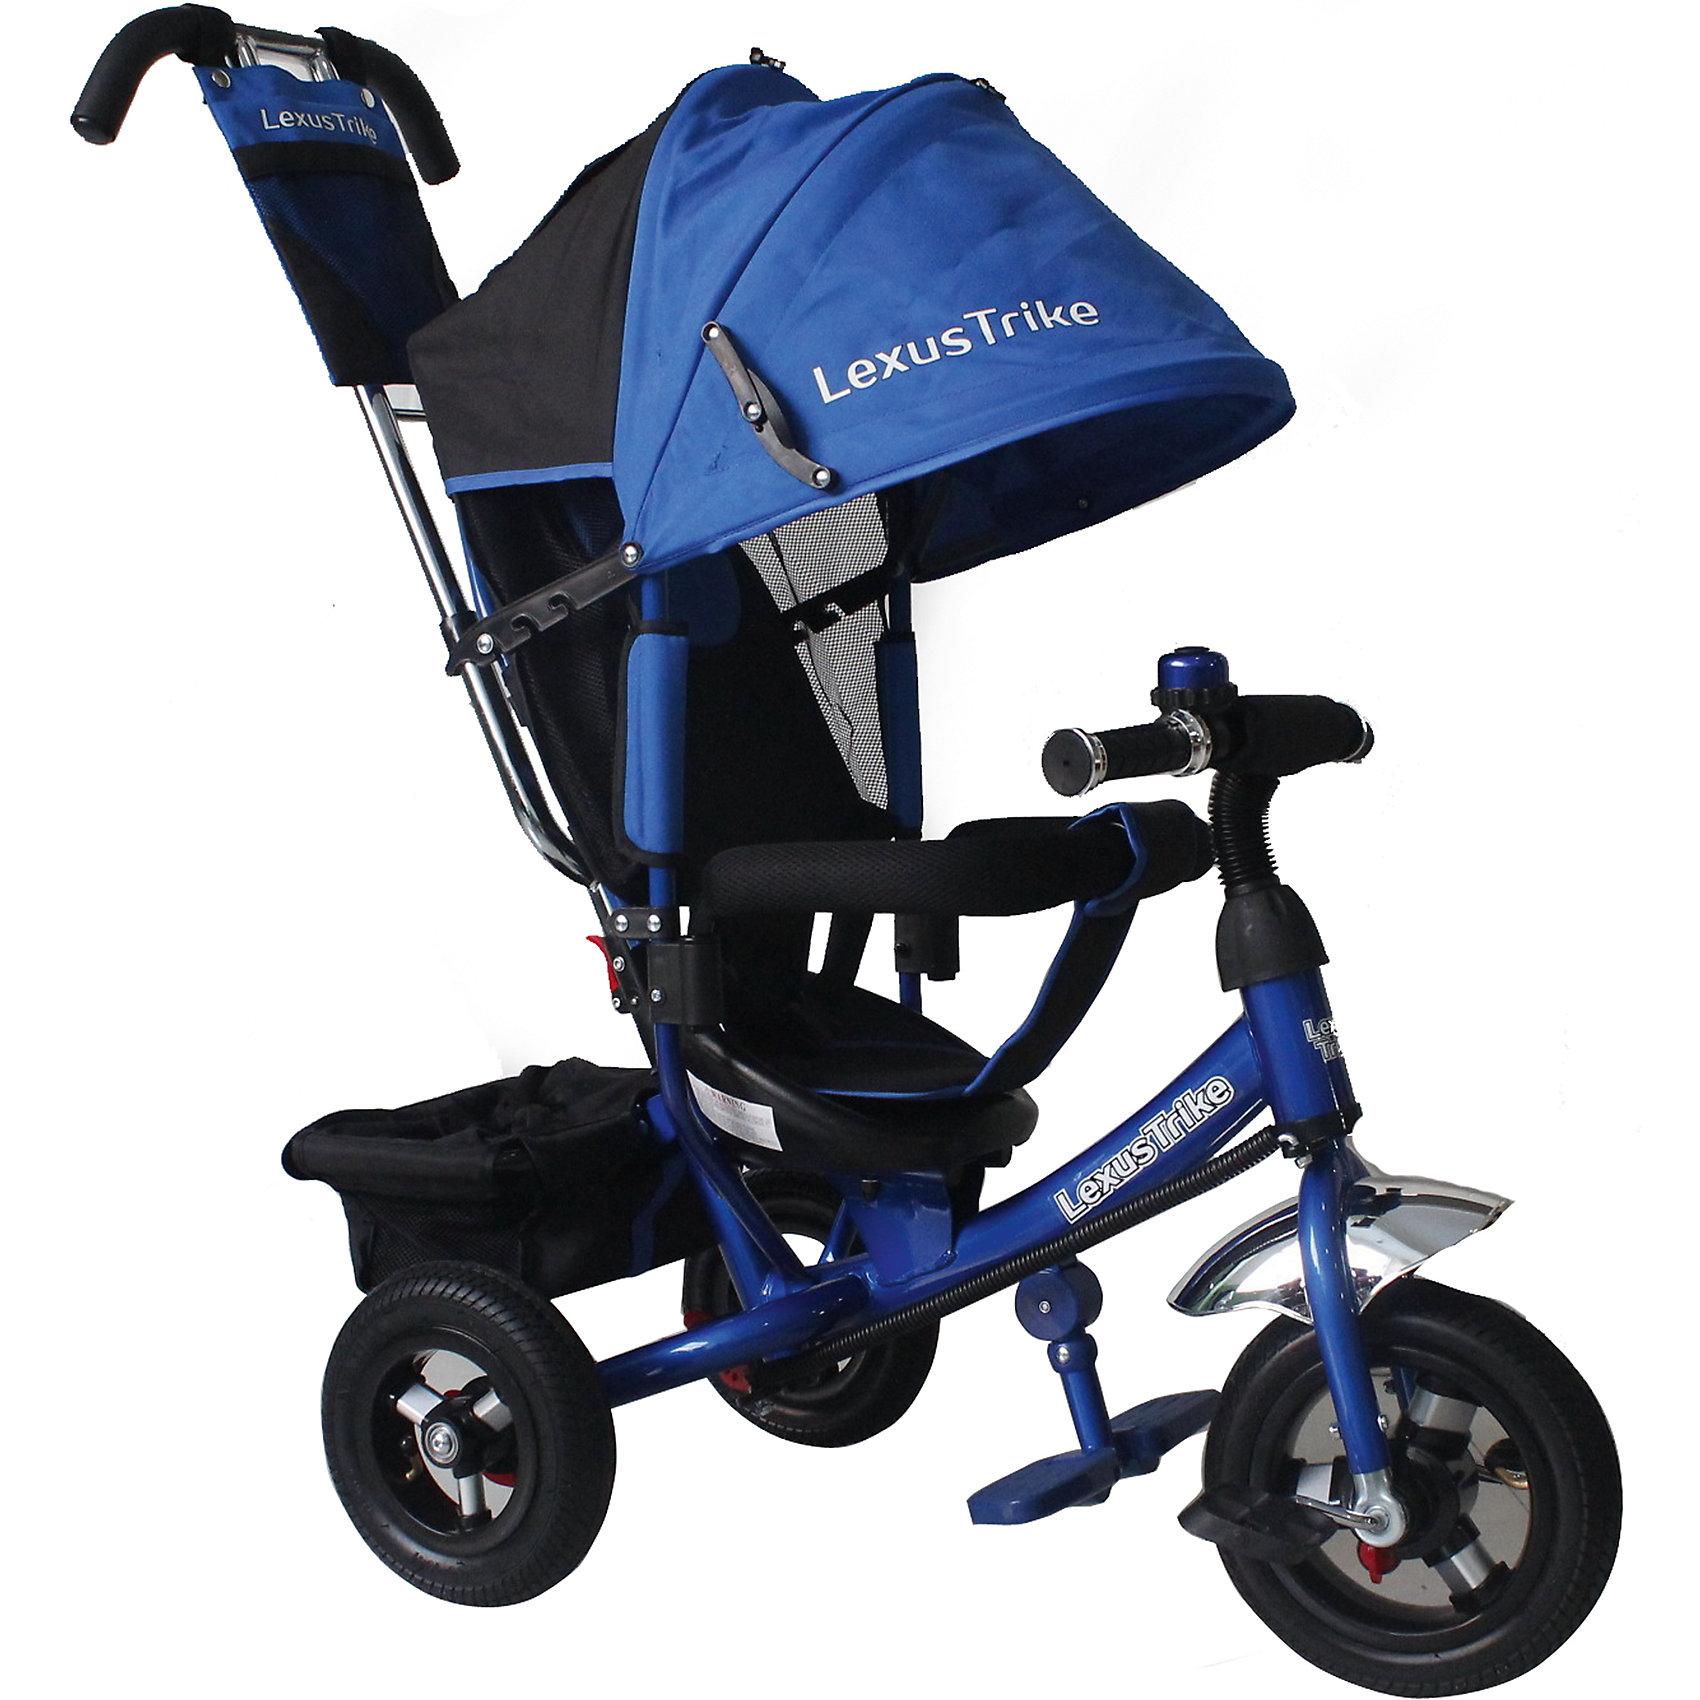 Трехколесный велосипед, регулир. спинка, синий, Lexus Trike LTнадувные резиновые колеса с алюминиевыми спицами и металлическими втулками передние 25 см (10) с функцией свободного хода, задние 20 см (8), - двойная телескопическая родительская ручка с мягкими рукоятками из пористой резины и сумочкой, - спинка с регулируемым углом наклона (3 положения), - складная подставкя для ног; - складной тент колясочного типа с фиксаторами положения и окошком, - сидение с двухточечным ремнем безопасности и мягкой вкладкой, - подголовник на спинке, - стопоры задних колёс, - регулируемая поворотная рычаг-спица, - раздвижная дуга безопасности с мягкими подлокотниками из пористой резины, - багажная корзина с затягивающимся верхом, - звонок на руле, синий, - цветная коробка<br><br>Ширина мм: 810<br>Глубина мм: 470<br>Высота мм: 1100<br>Вес г: 12800<br>Возраст от месяцев: 12<br>Возраст до месяцев: 36<br>Пол: Мужской<br>Возраст: Детский<br>SKU: 5526368